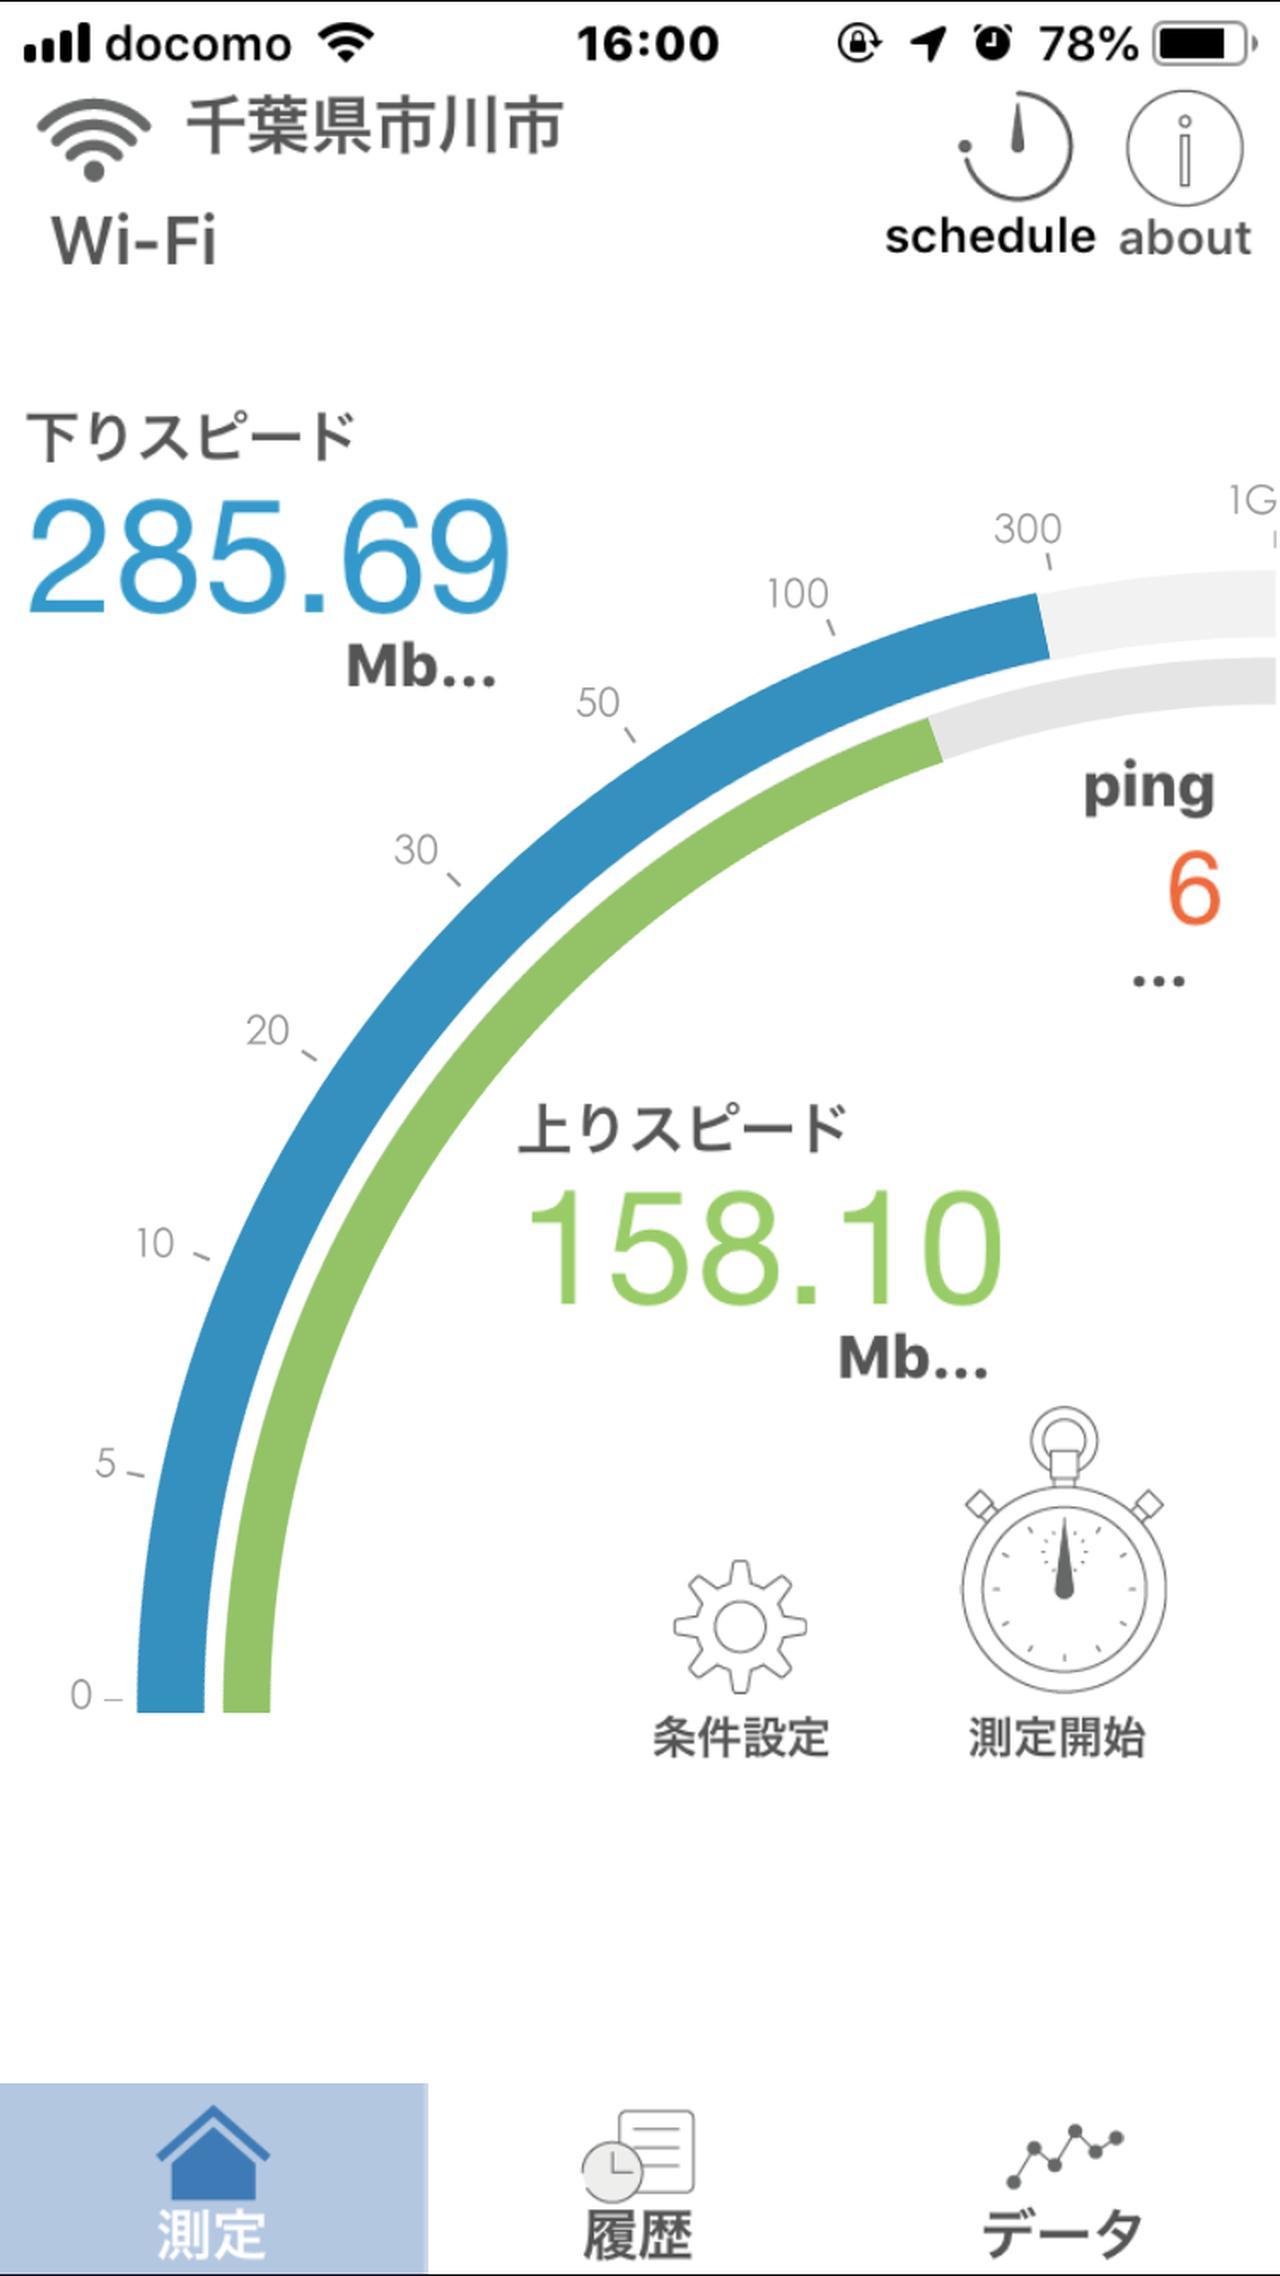 画像: KDDI「auひかり」の戸建てプラン(1Gbps)を、スマホ用アプリ「RBB SPEED TEST」で測定したもの。下りで270Mbps程度の速度が出ており、一般的な4G回線より快適に使える。しかも「ギガが減らない」(4G回線のパケットを消費しない)